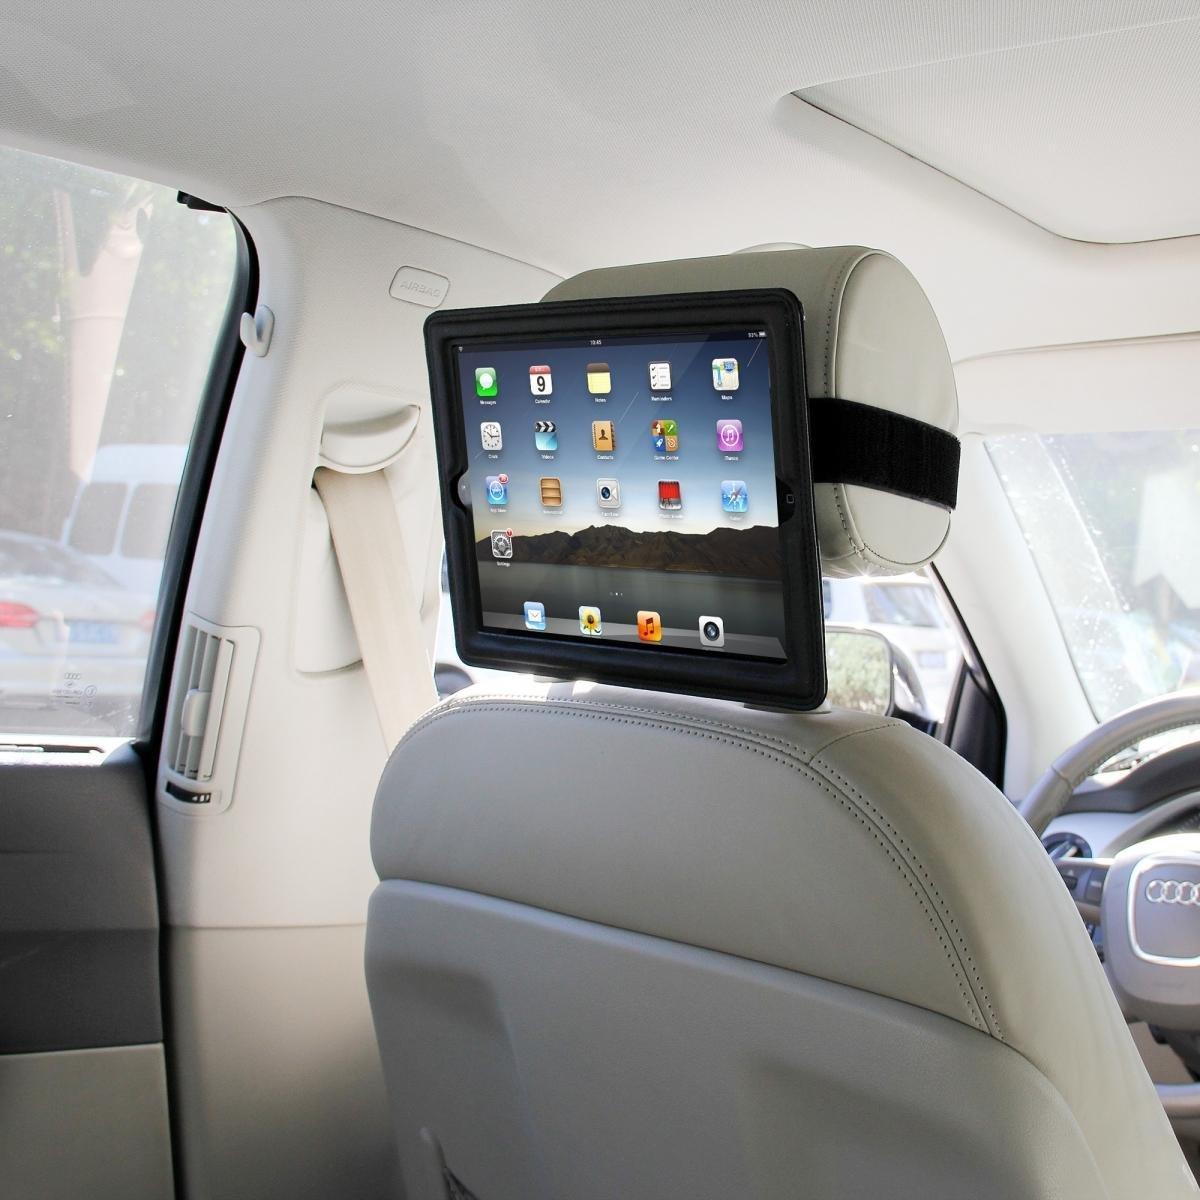 iClever Car Headrest Holder for iPad 2.jpg